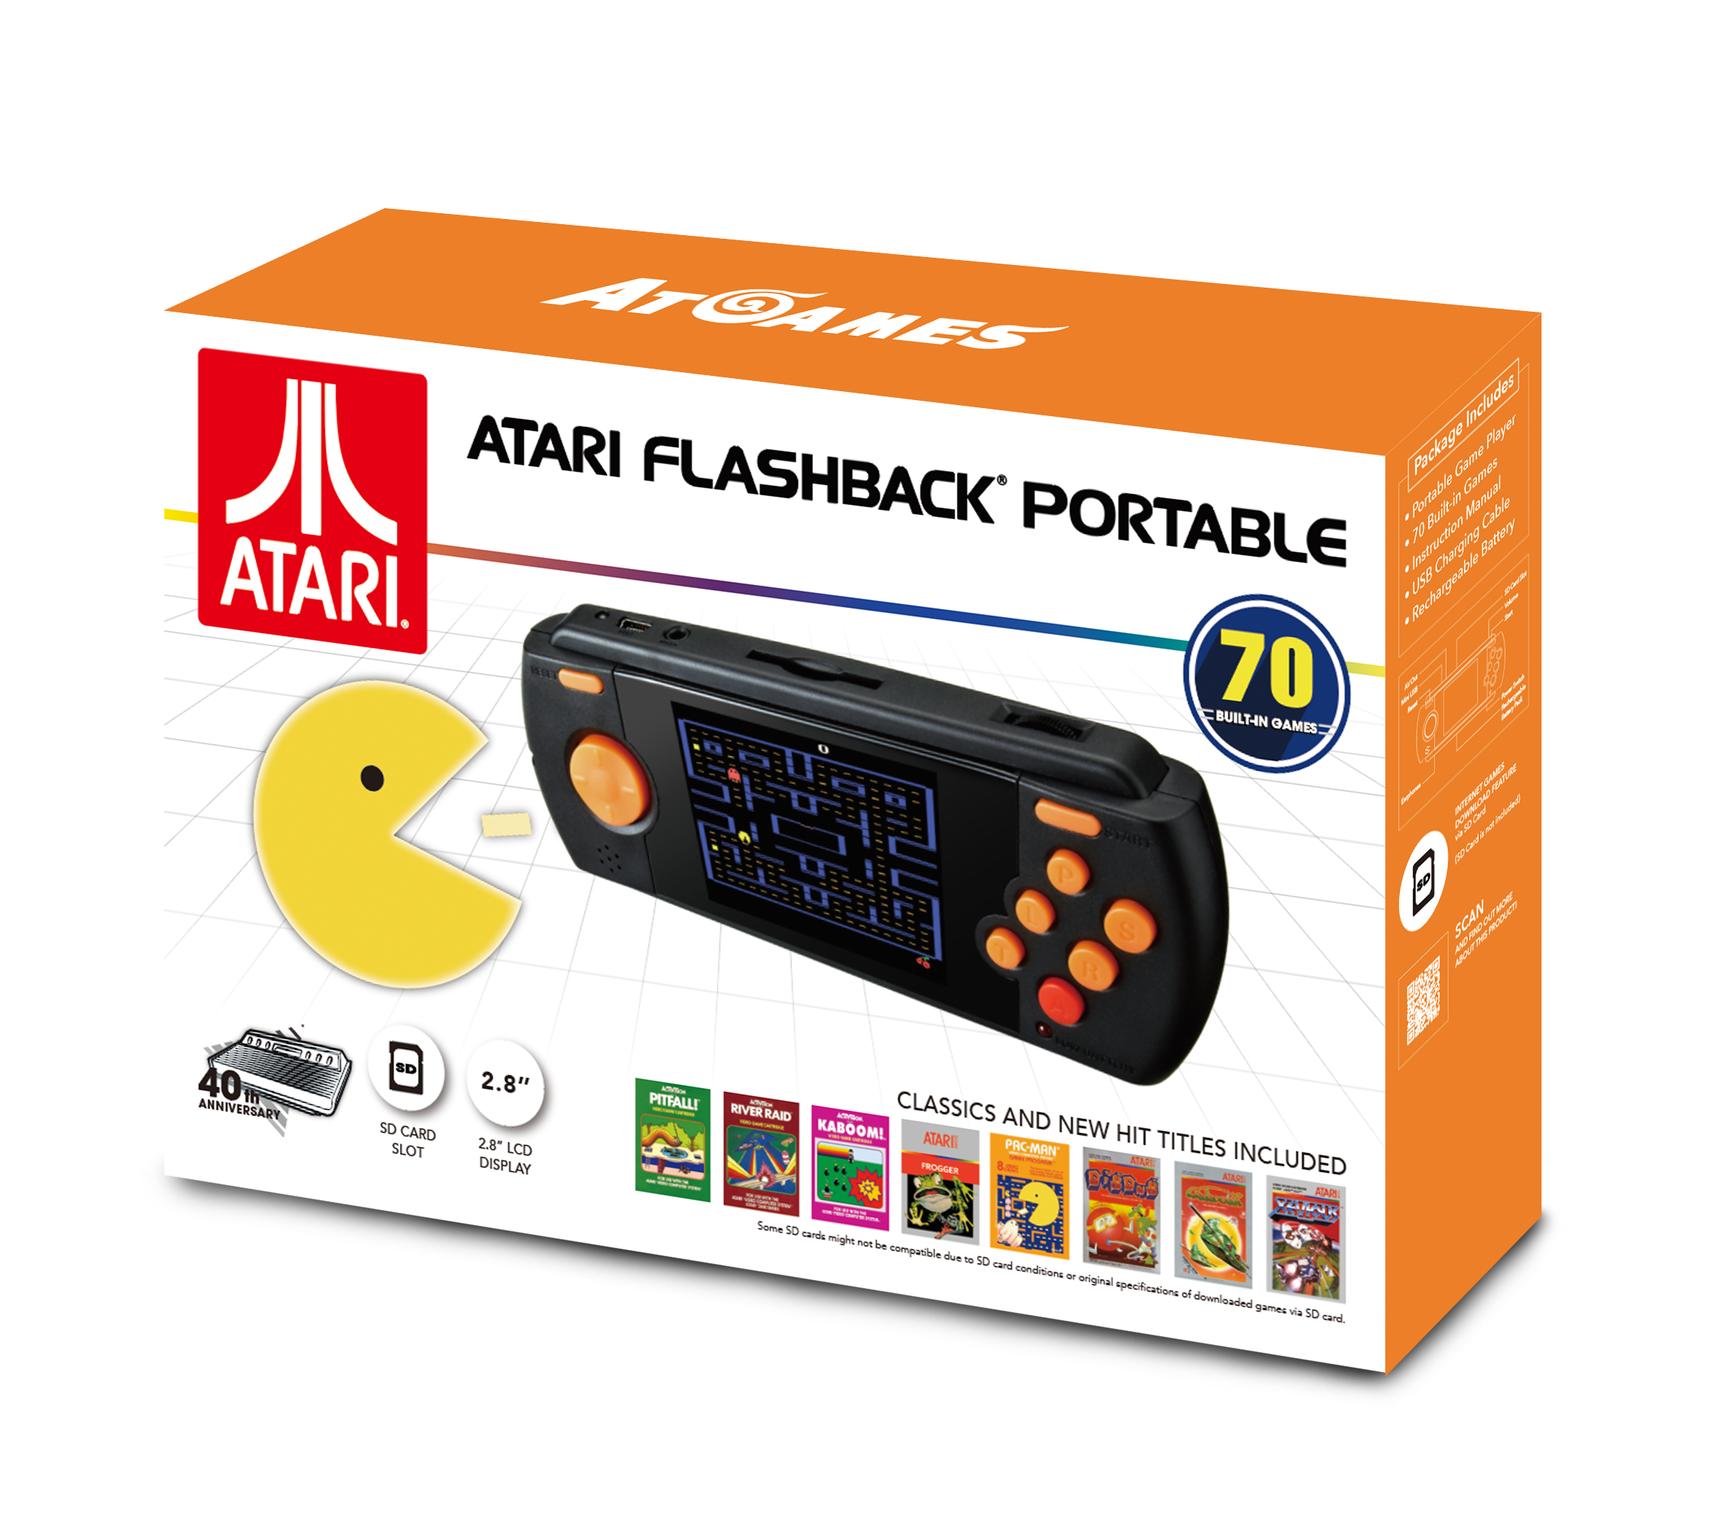 Atari-Flashback-Portable-Game-Player-frikigamers.com